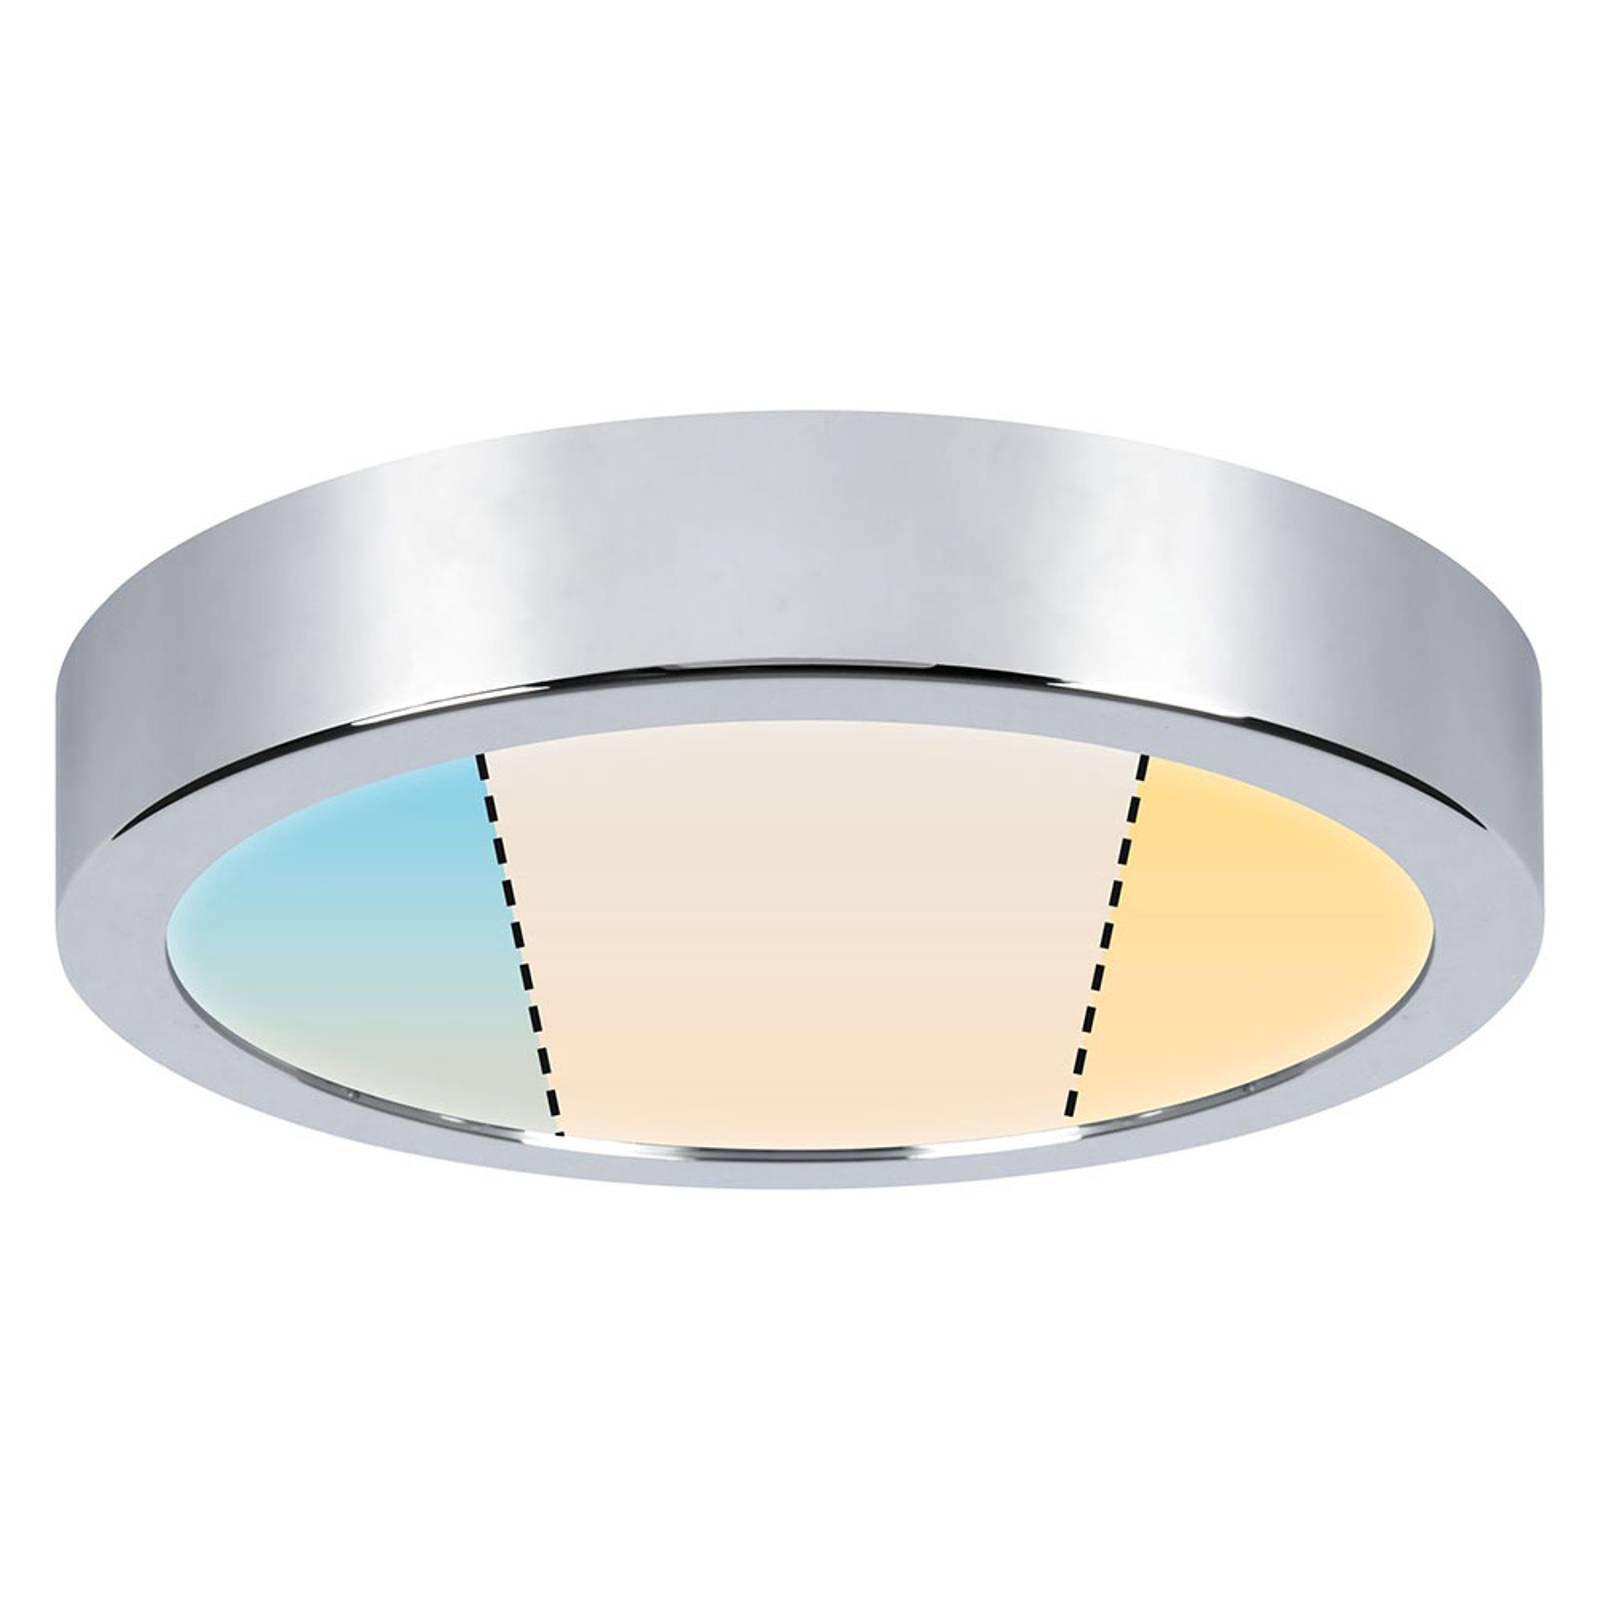 Paulmann Aviar LED-taklampe WhiteSwitch Ø 22 cm